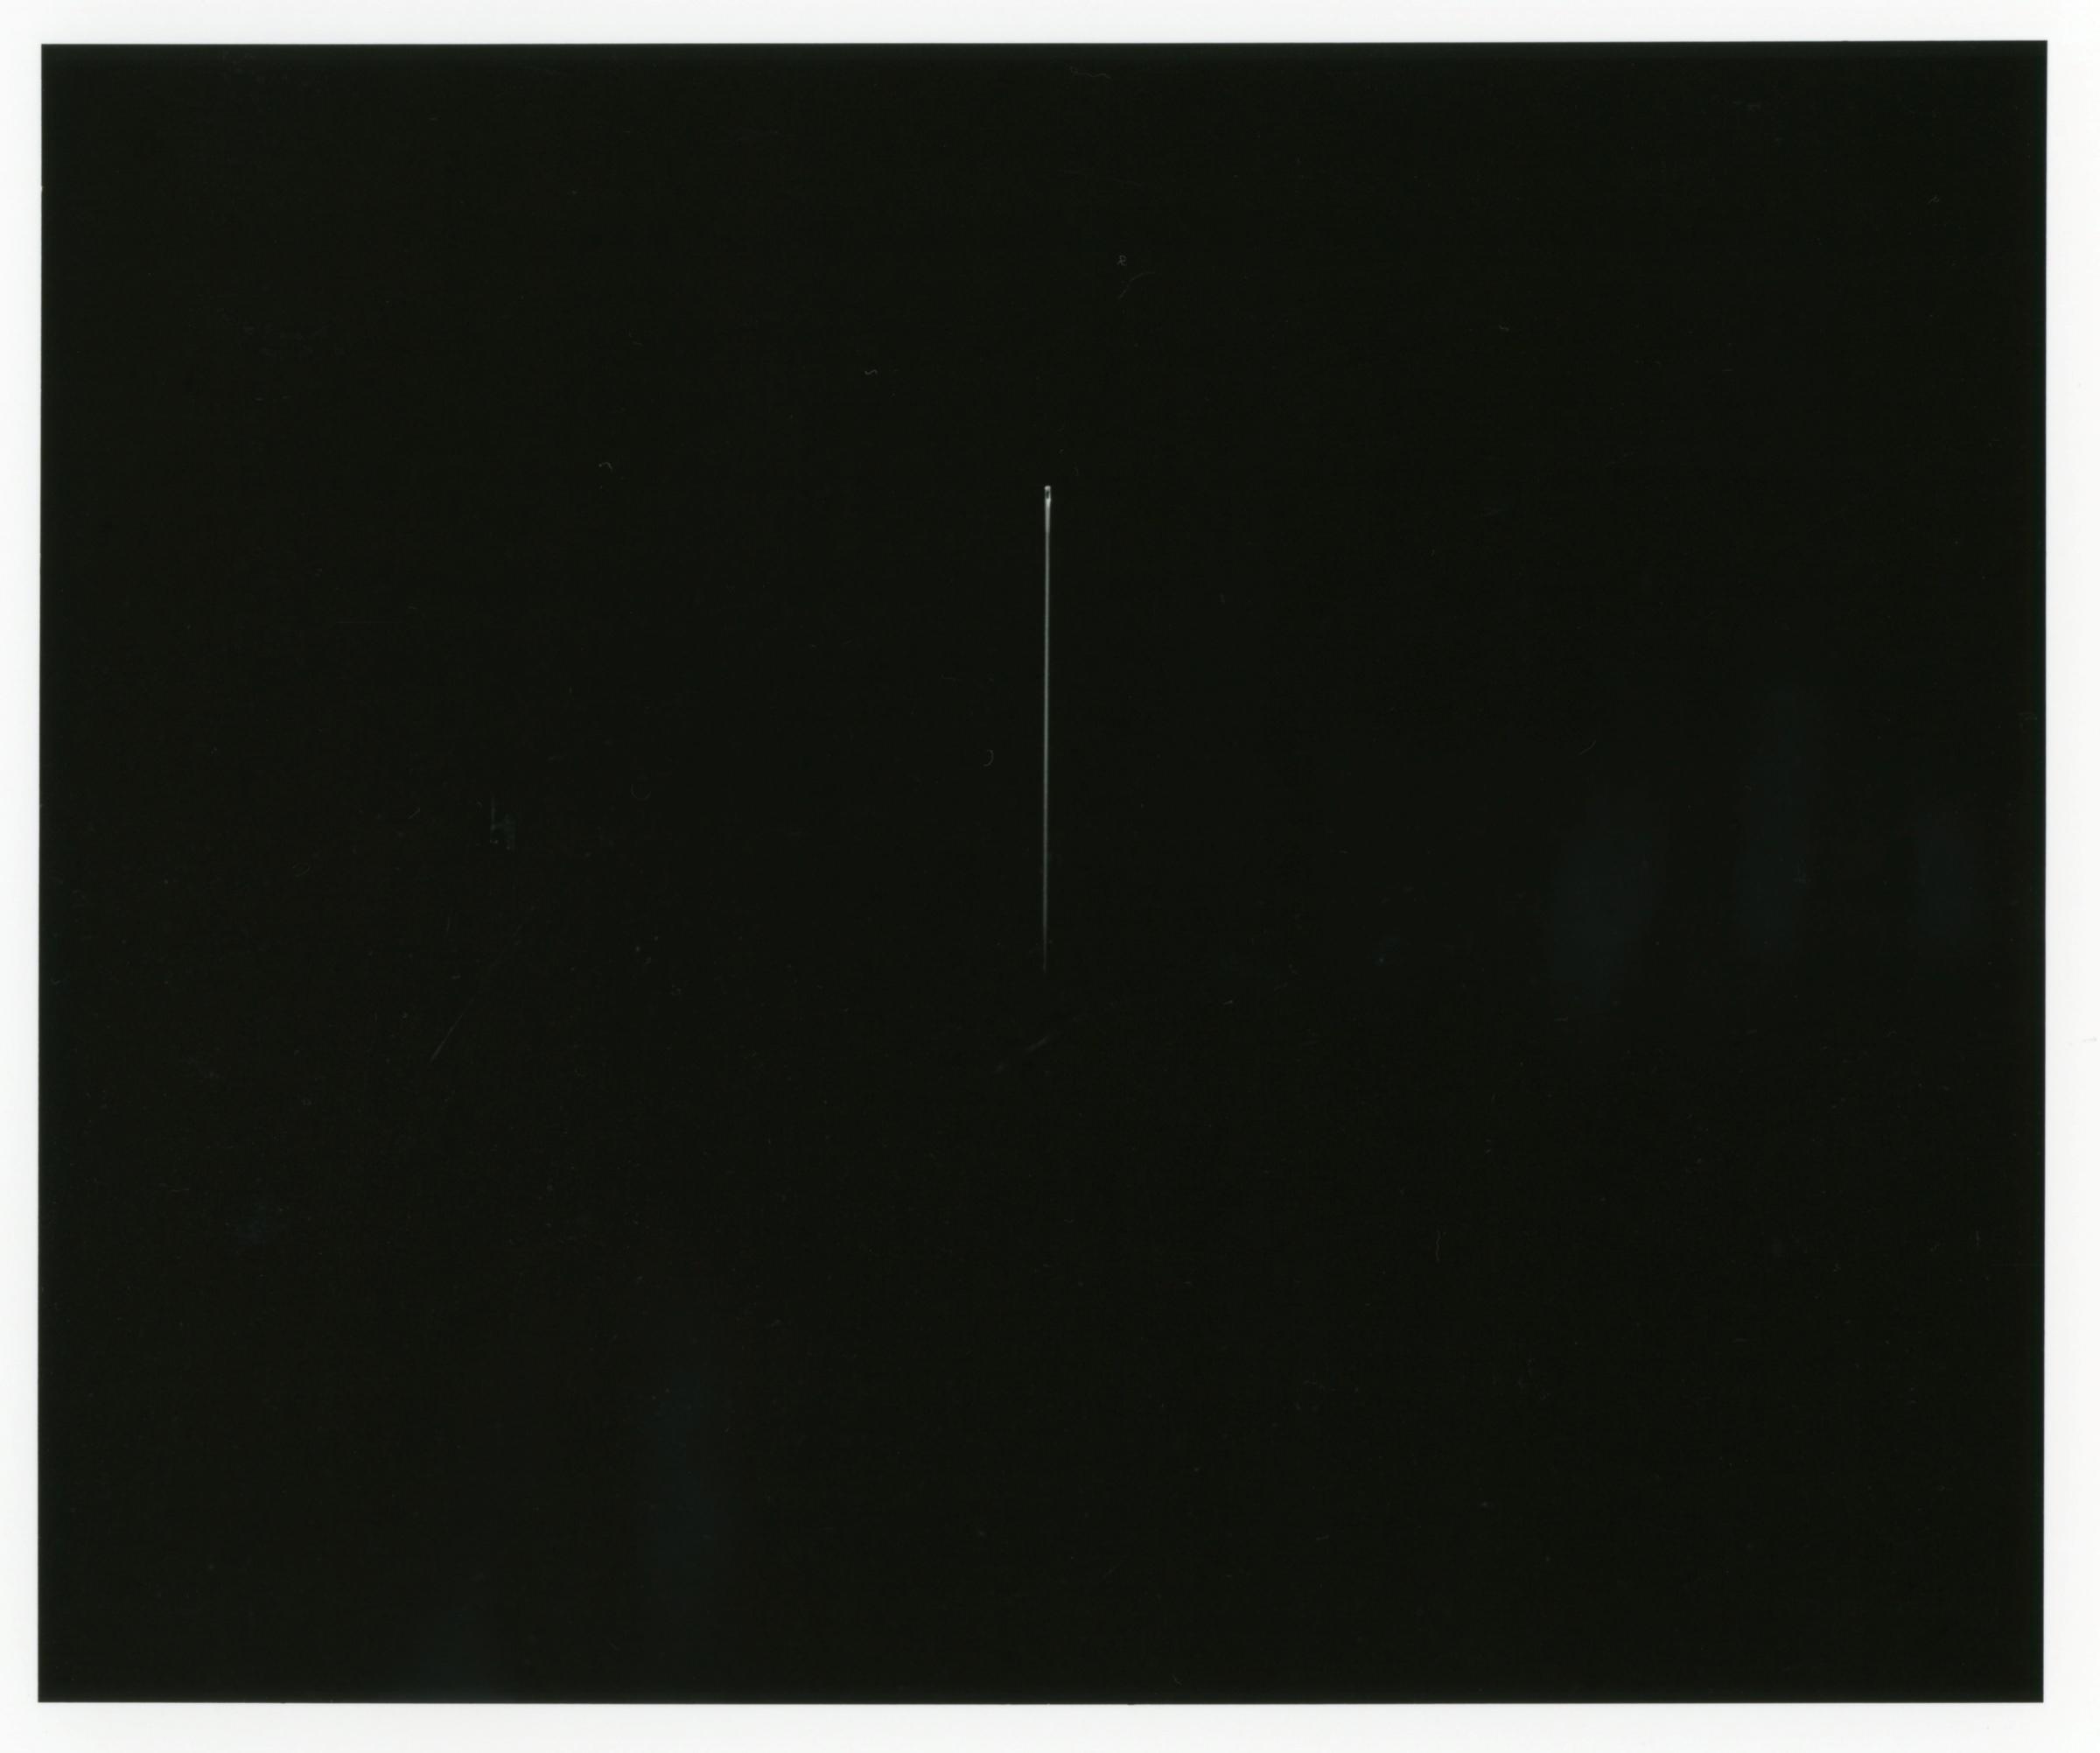 井川淳子《ここよ、今、いつでも》2003年  ゼラチン・シルバープリント 406×508mm ※一本の針を撮影した作品